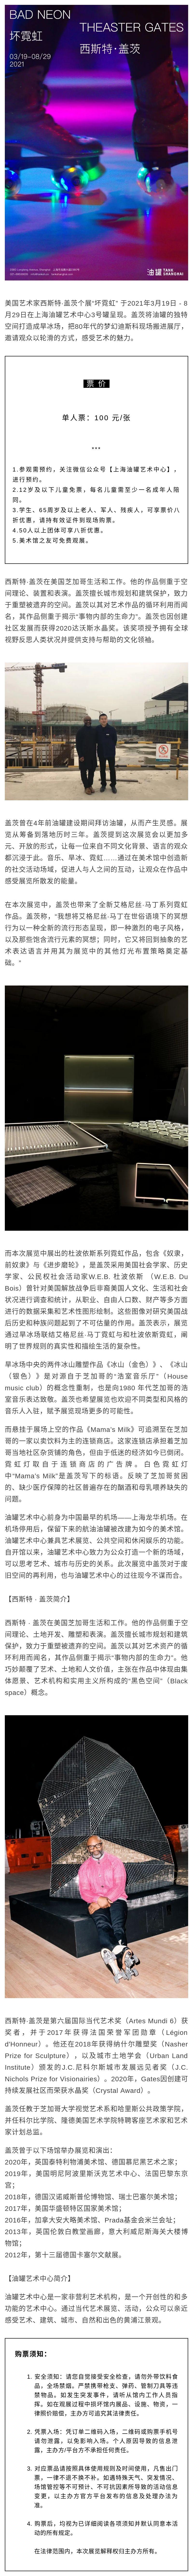 TG_购票详情页2.jpg